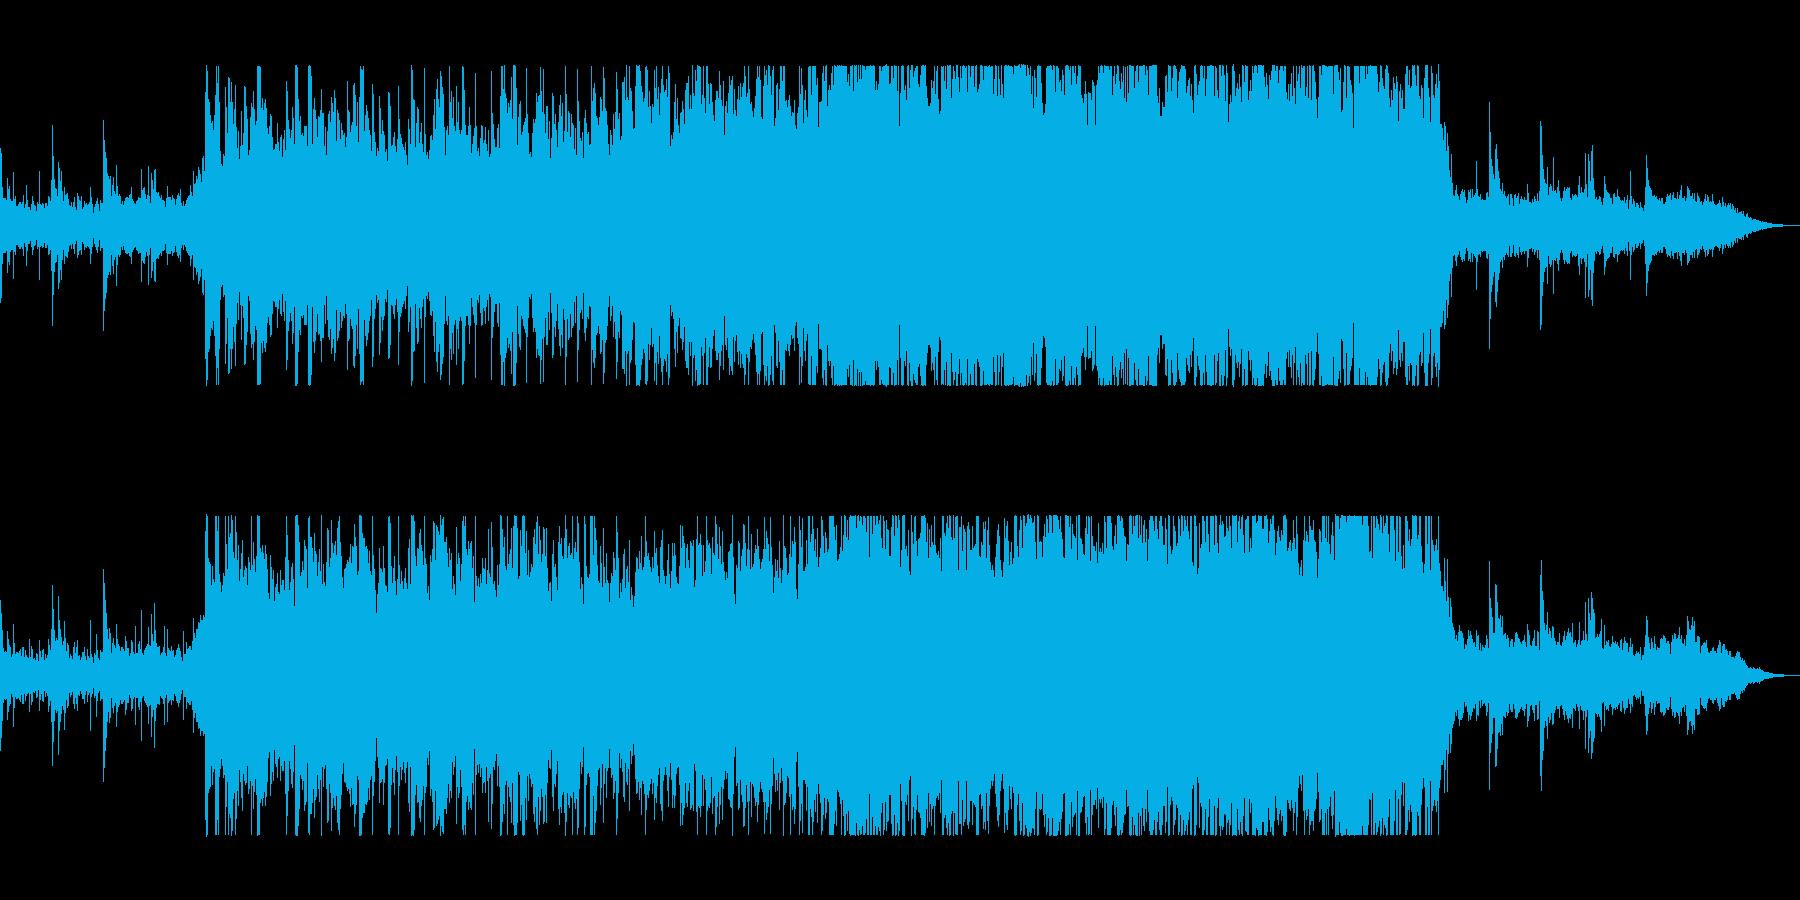 ピアノが感動的なオーケストラの再生済みの波形